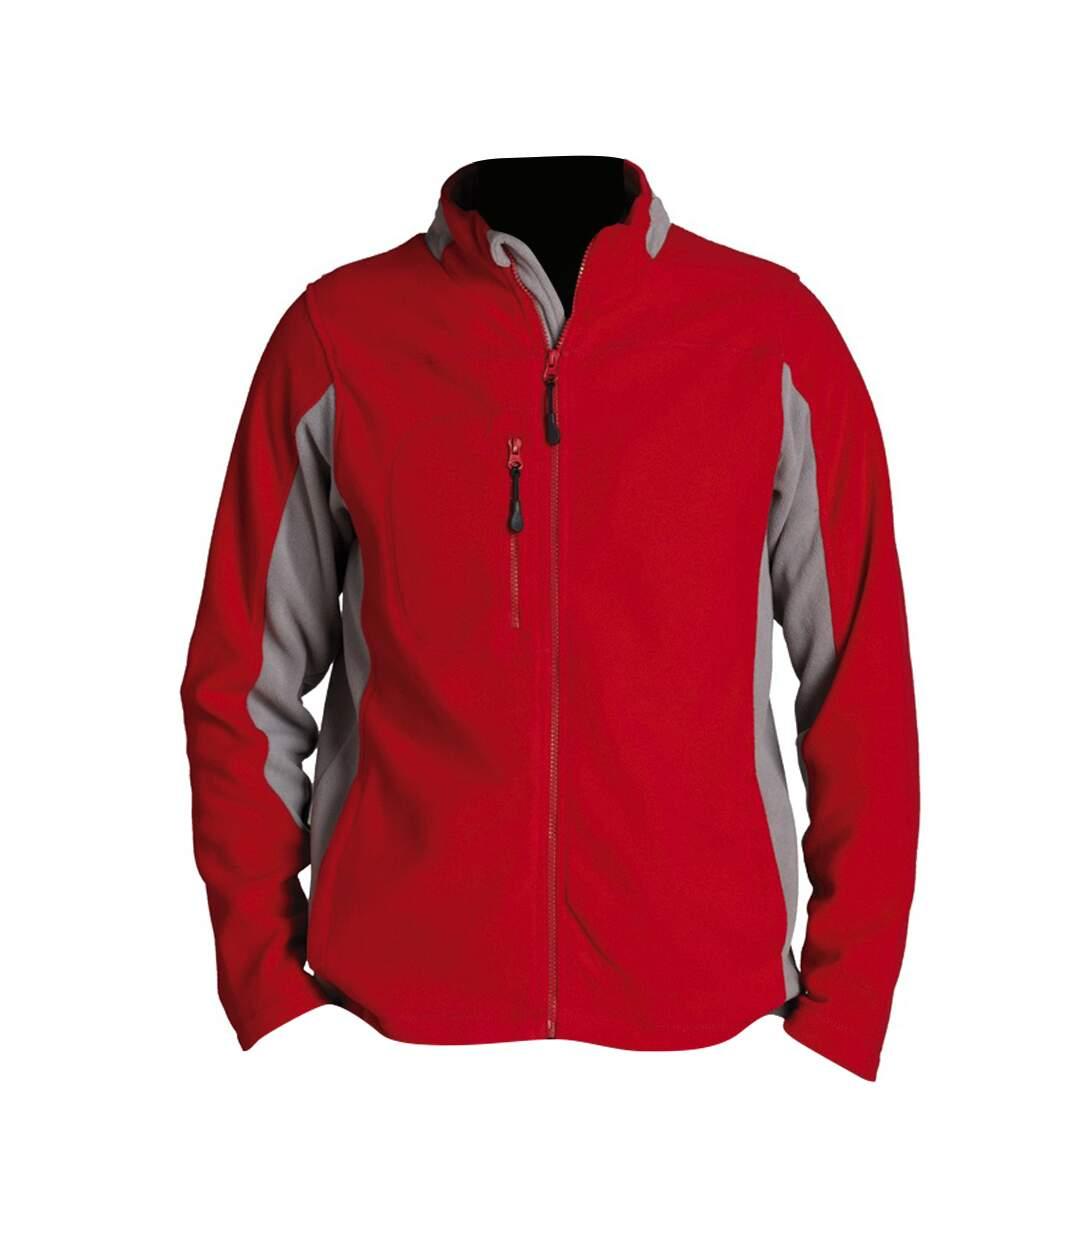 SOLS Mens Nordic Full Zip Contrast Fleece Jacket (Red/Medium Grey) - UTPC409